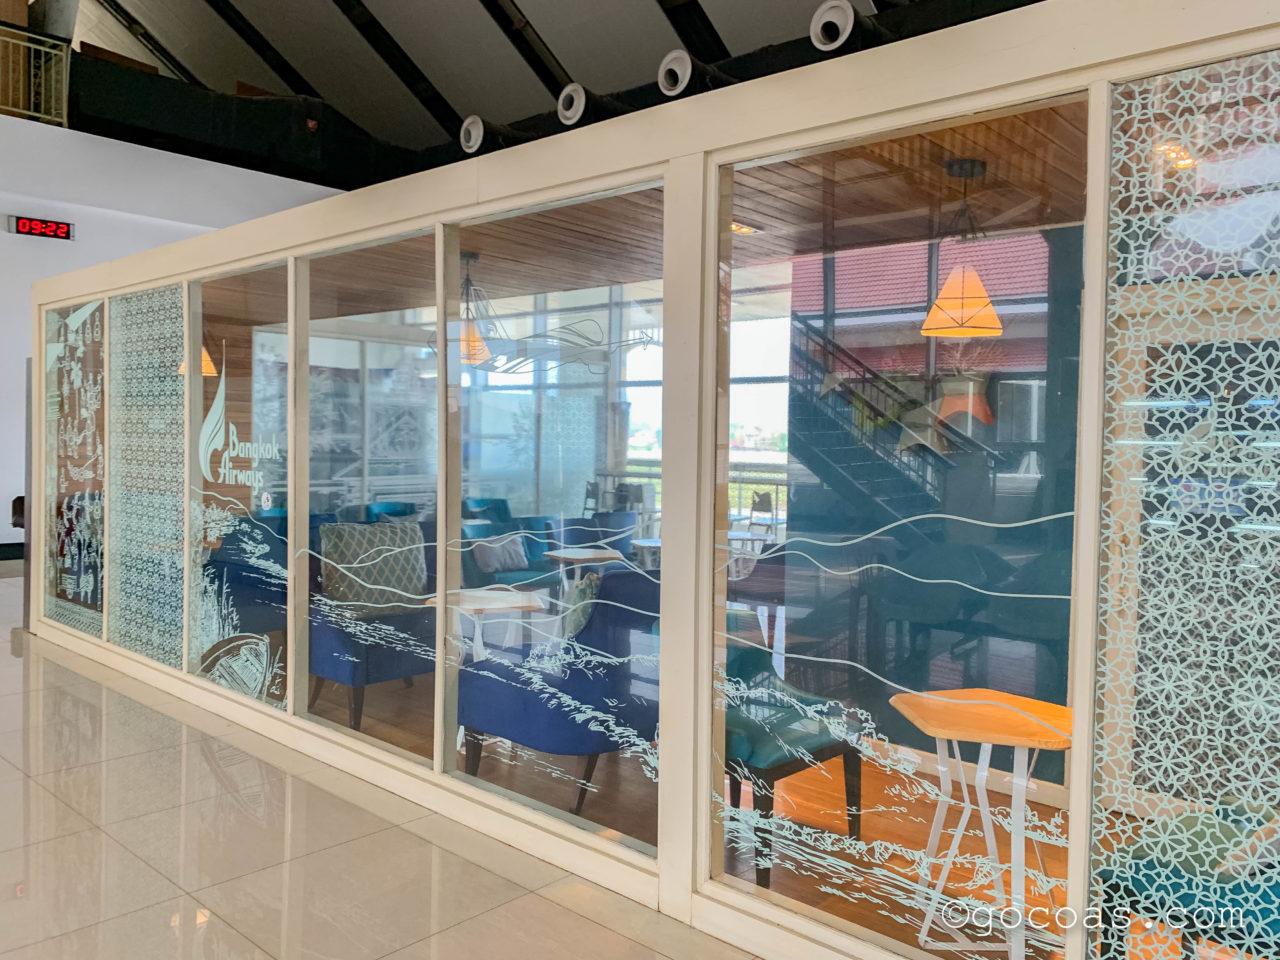 ルアンパバーン国際空港のBANGKOK AIRWAYS LUANG PRABANG LOUNGEのガラス張りの壁で外からラウンジ内が丸見えなところ